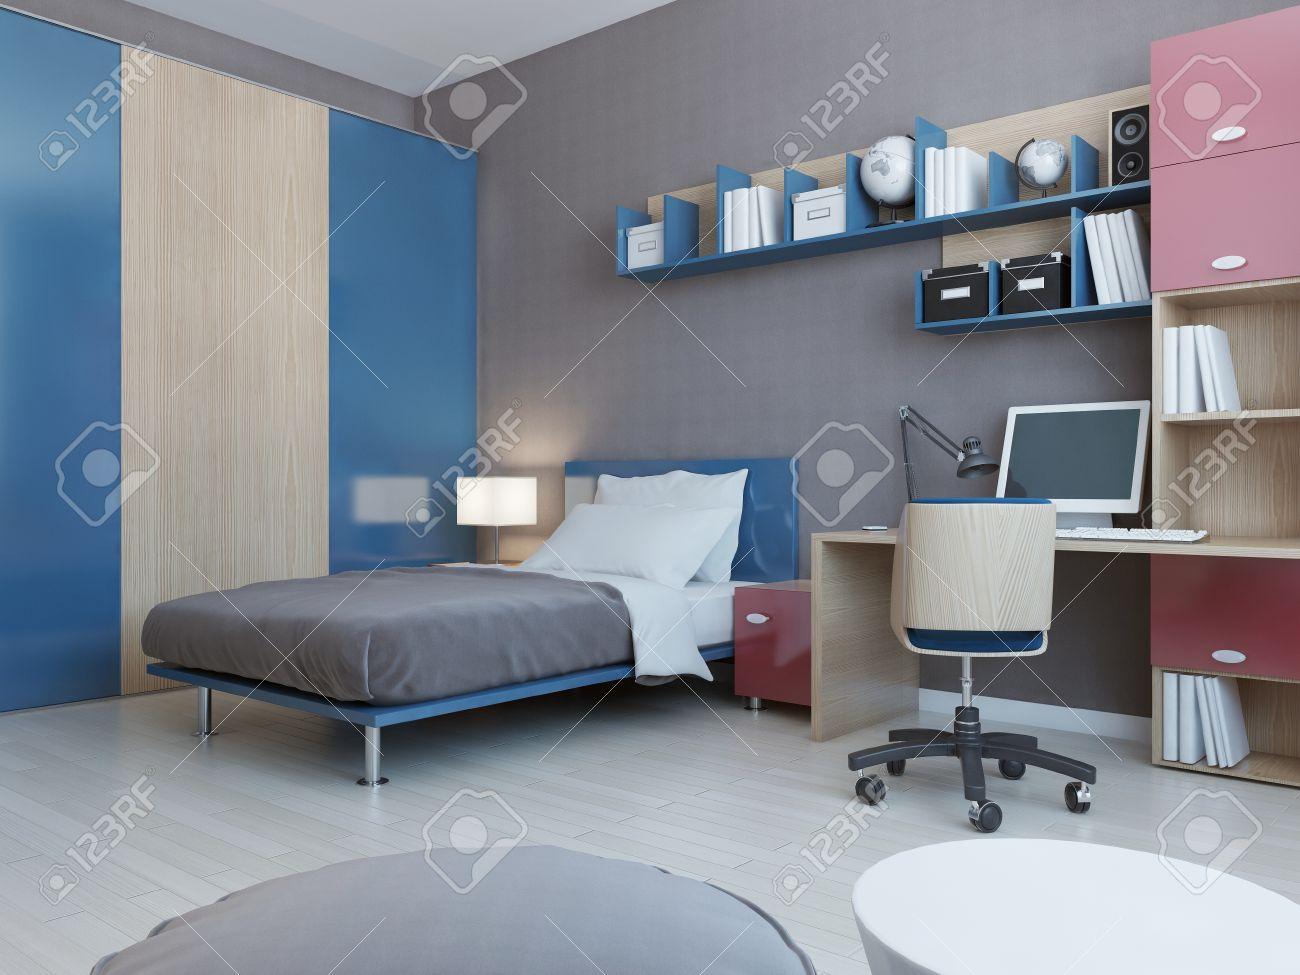 bekijk tieners slaapkamer in rode en blauwe kleuren. licht grijze, Meubels Ideeën